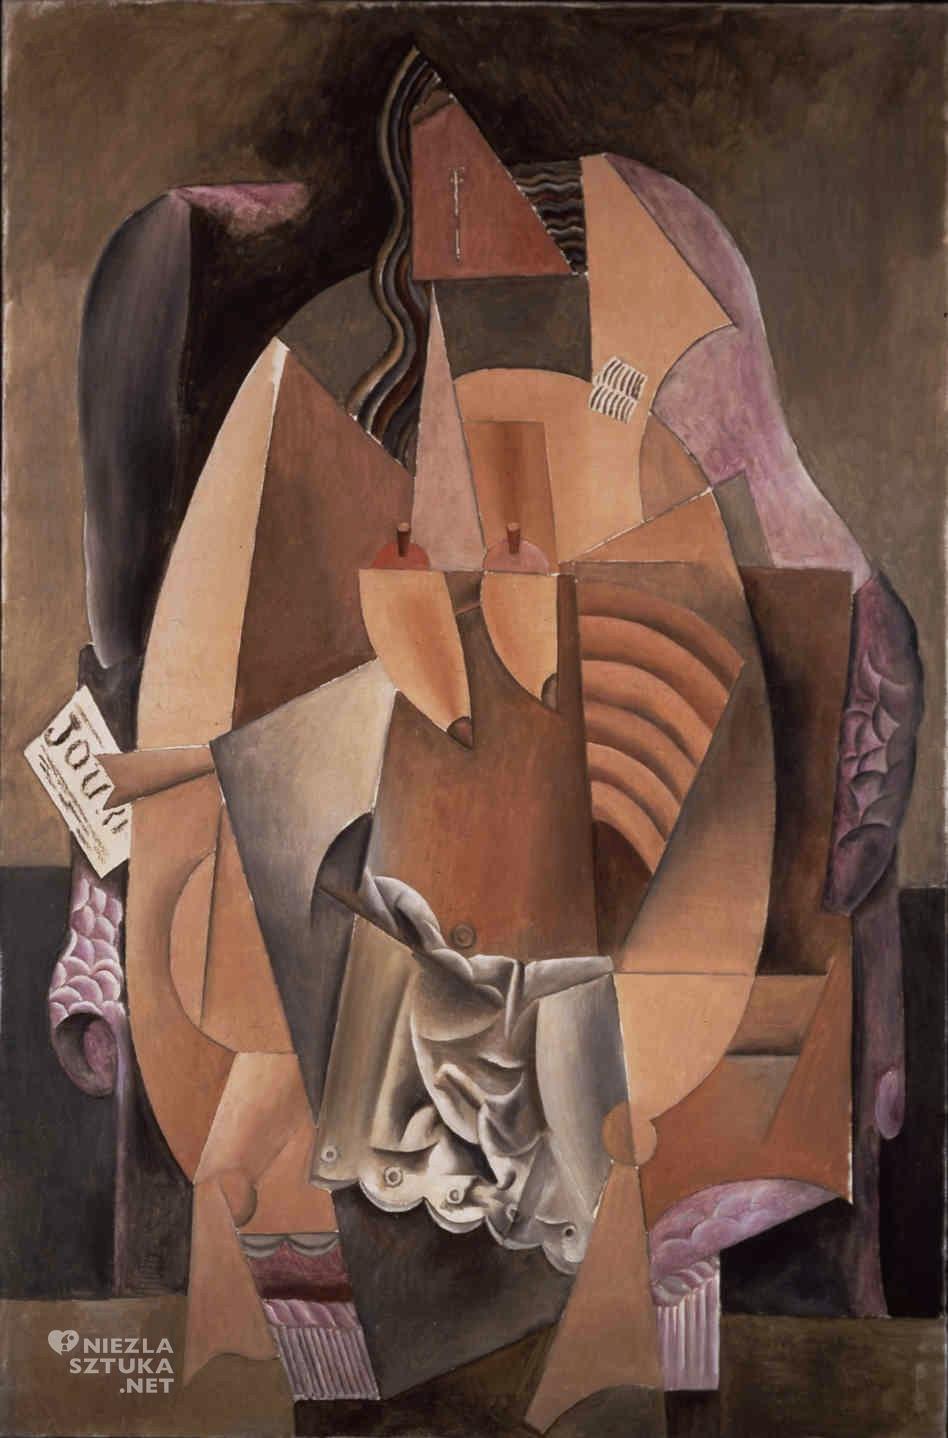 Pablo Picasso, Kobieta w koszuli na fotelu, kubizm, Niezła Sztuk